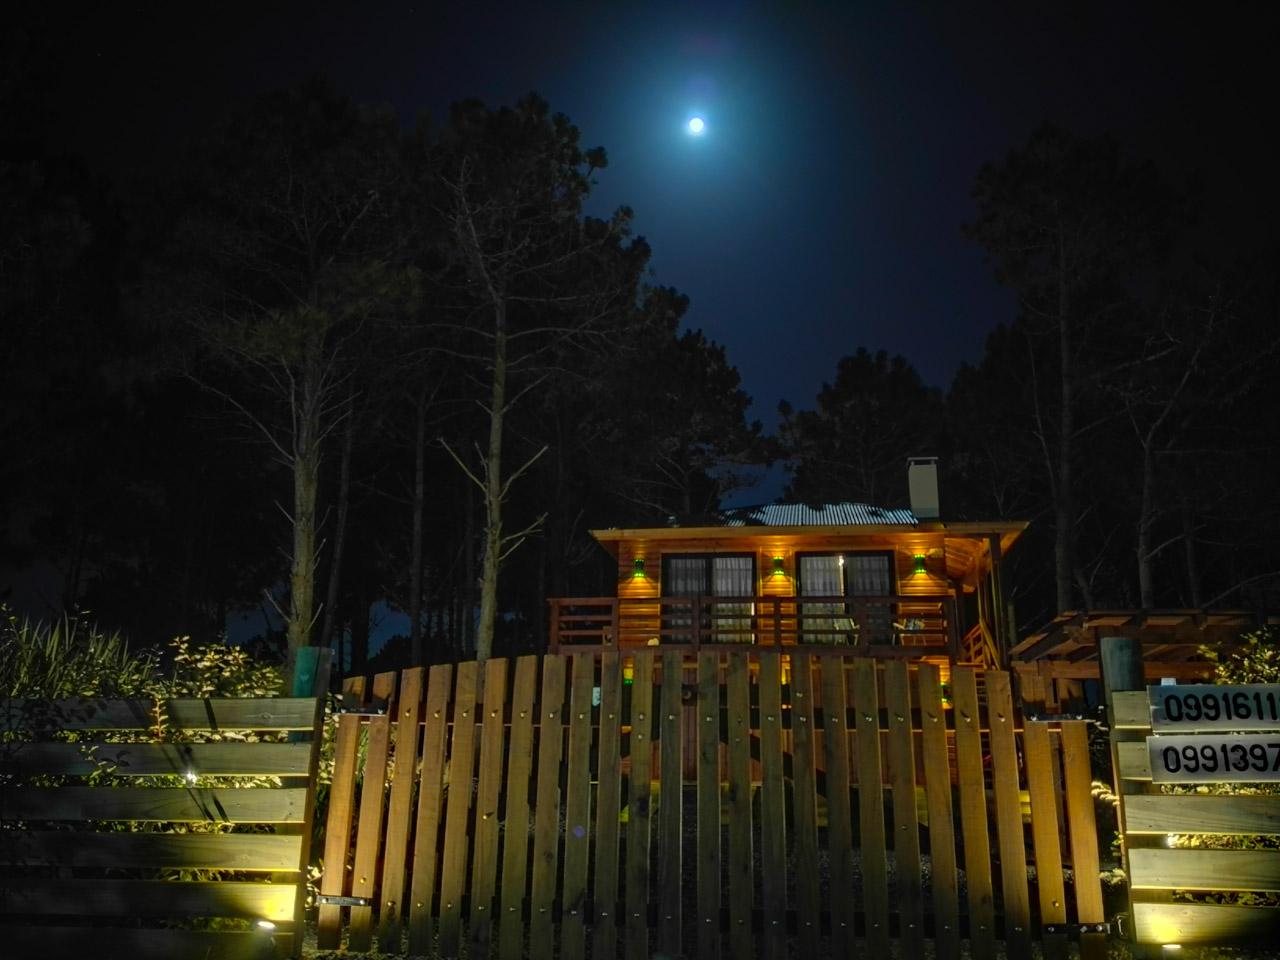 La luna llena iluminando los bosques de pino en Punta del Diablo, donde se construyen pintorescas cabañas. (Fotografía tomada con un smartphone Huawei P8 en modalidad Supernoche, Elton Núñez)